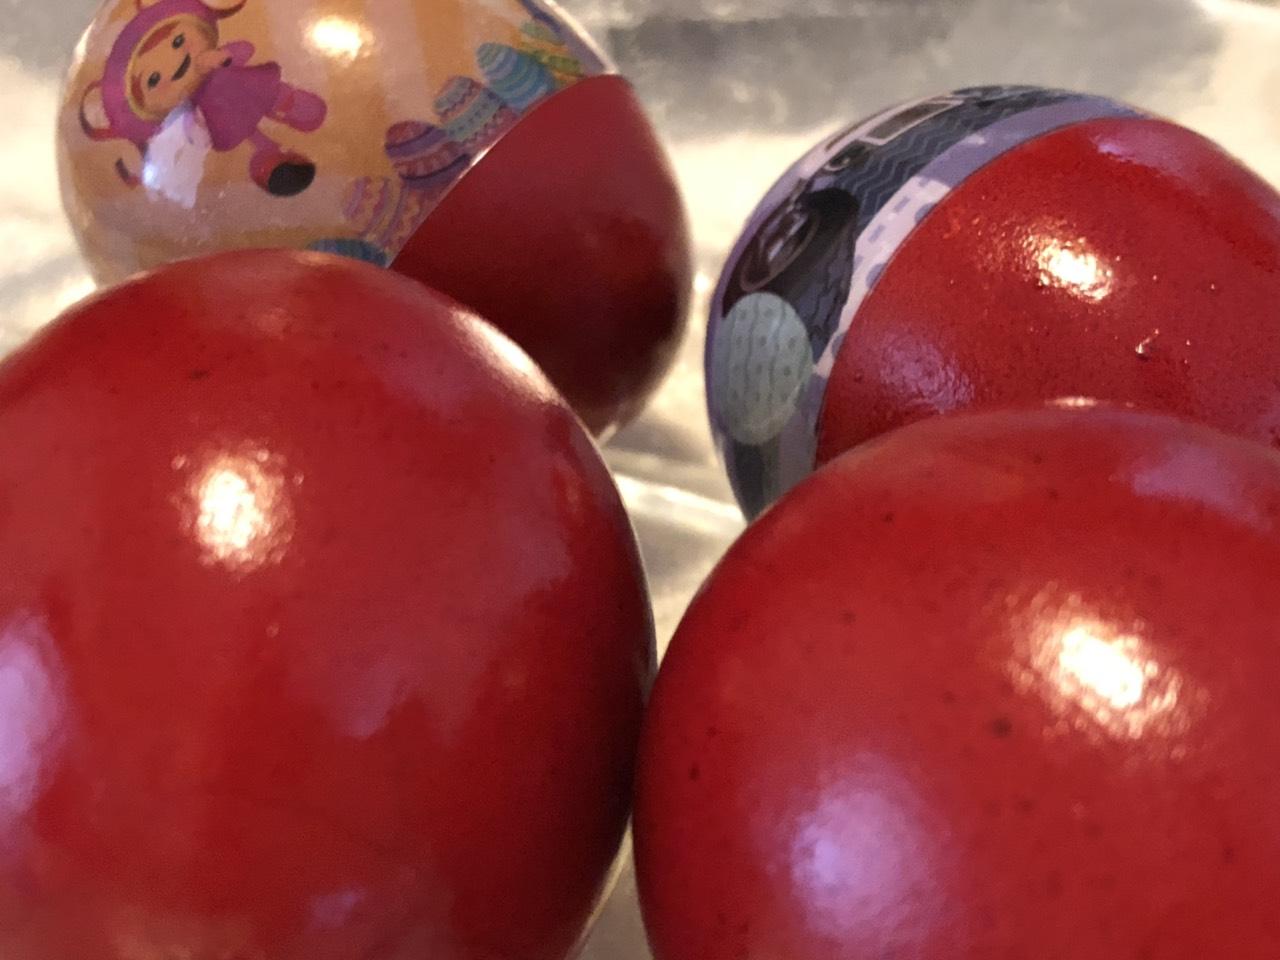 Vaskršnja jaja, kada ih treba farbati i zašto ne na Veliki petak?!